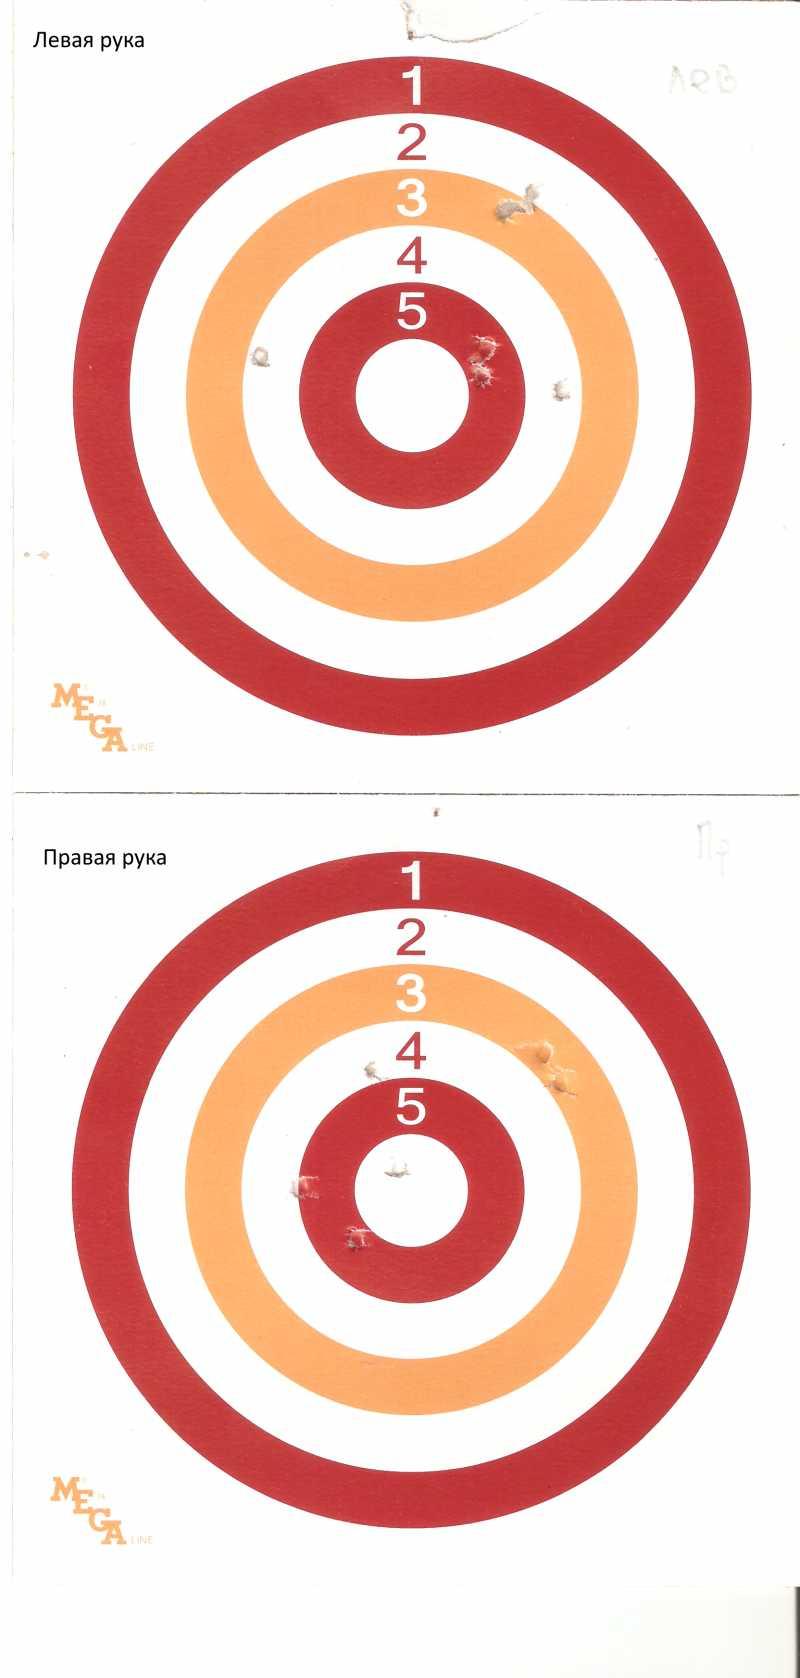 30)Обзор и впечатления о Umarex Colt Single Action Army (Миротворец, Фронтир, Шестизарядник)